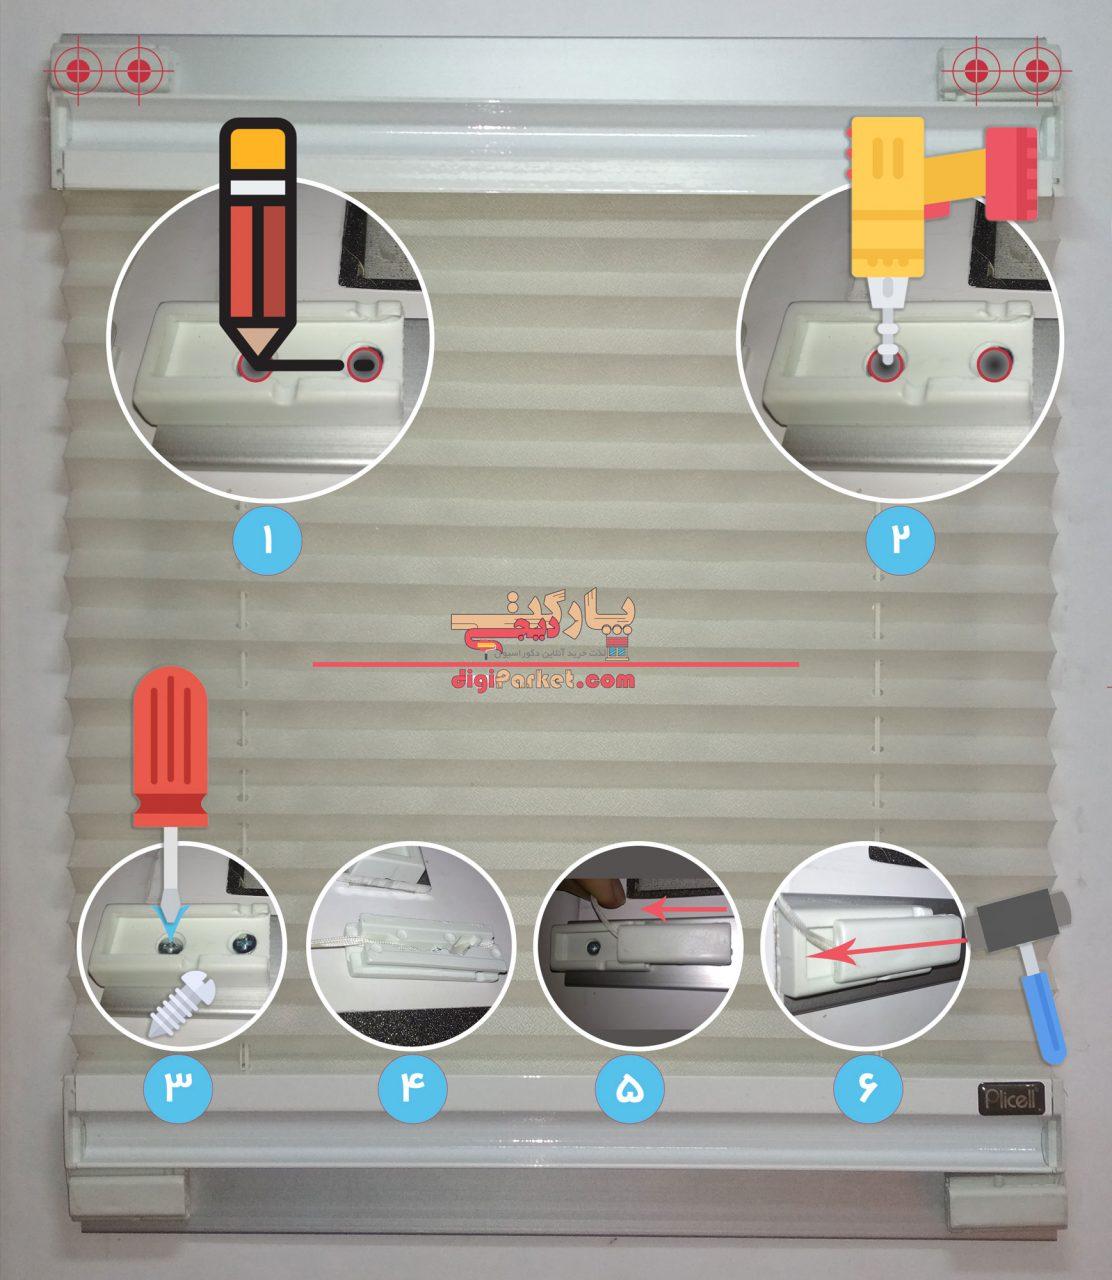 اینوگرافی نصب پرده پلیسه پشت دری با بازشو از دوطرف